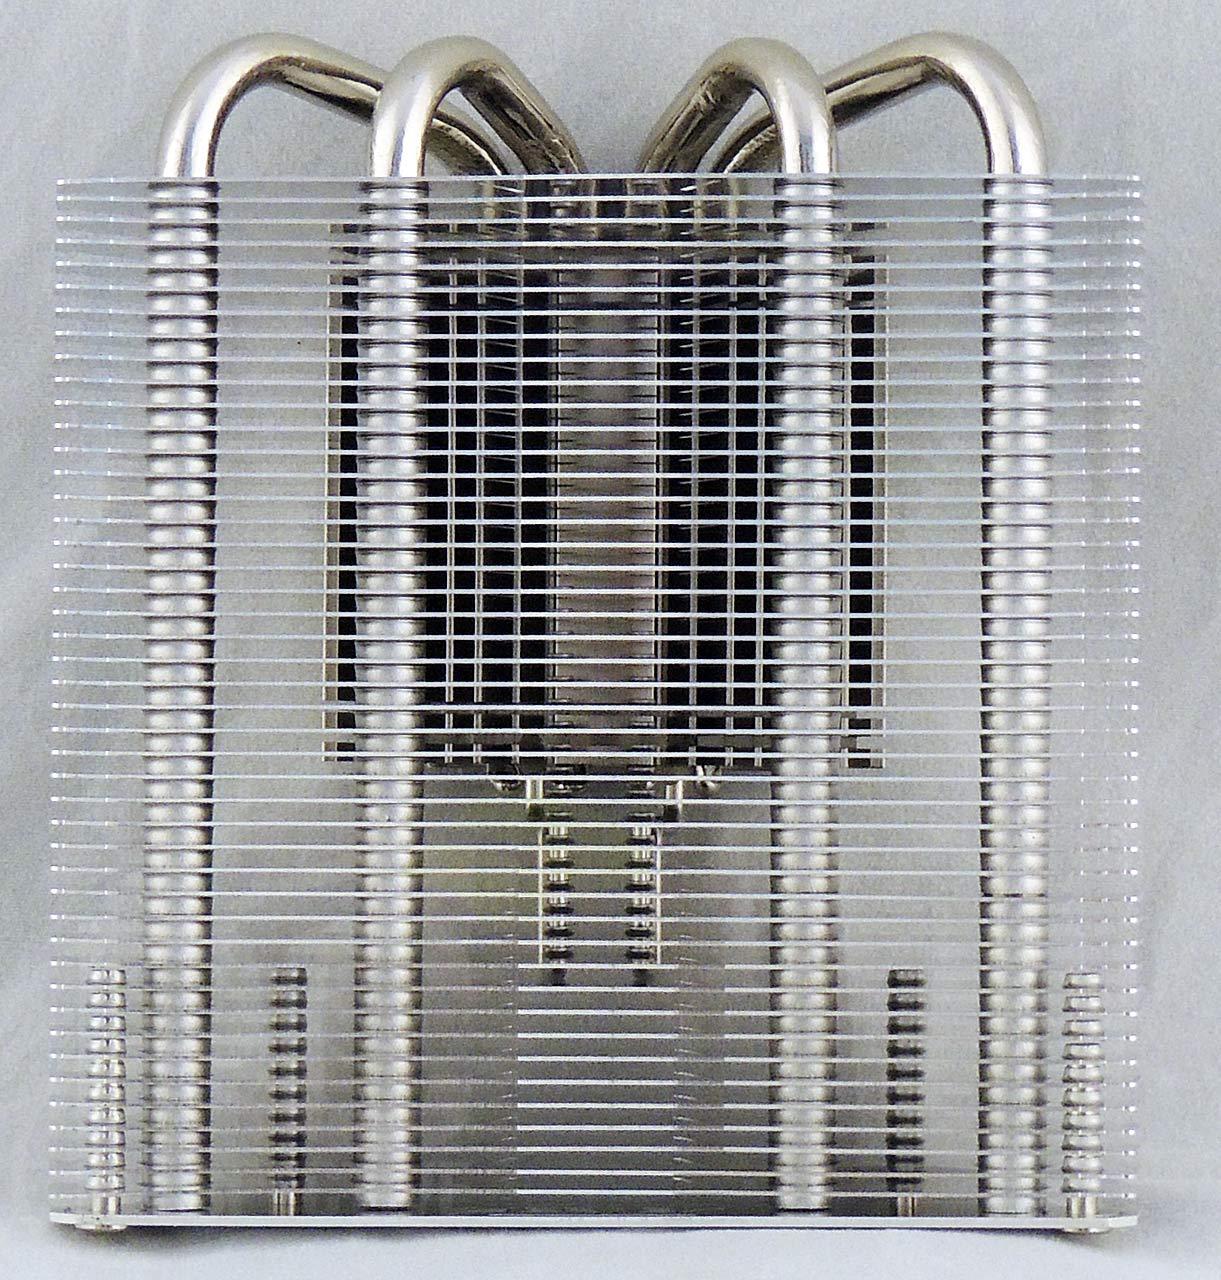 03-cooler-top-nofan.jpg